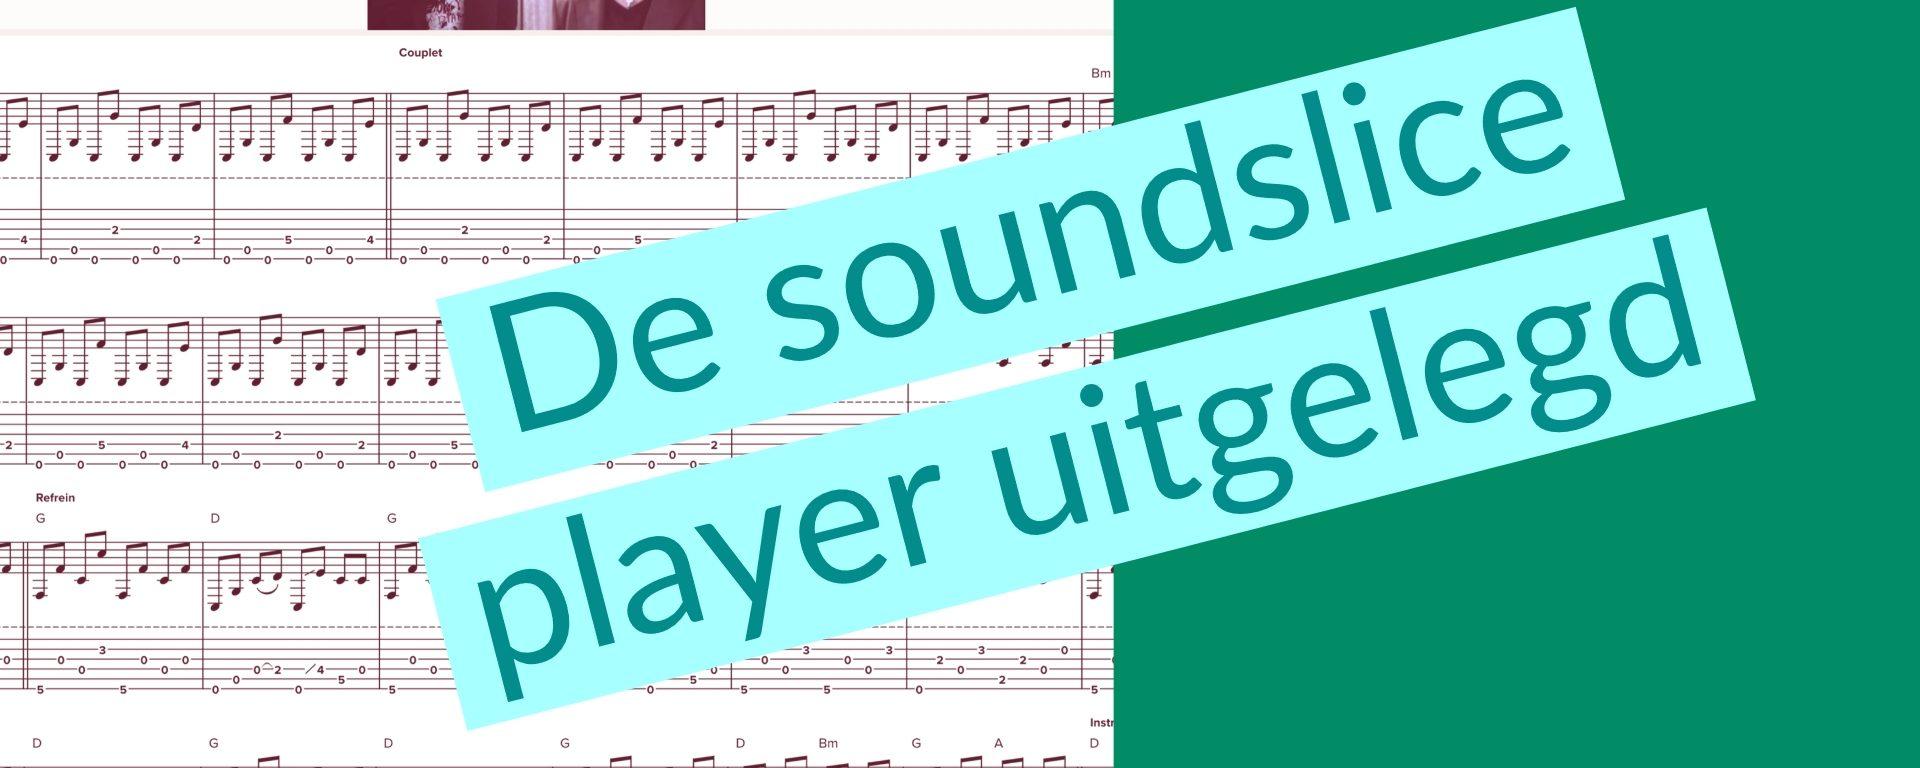 Soundslice uitgelegd